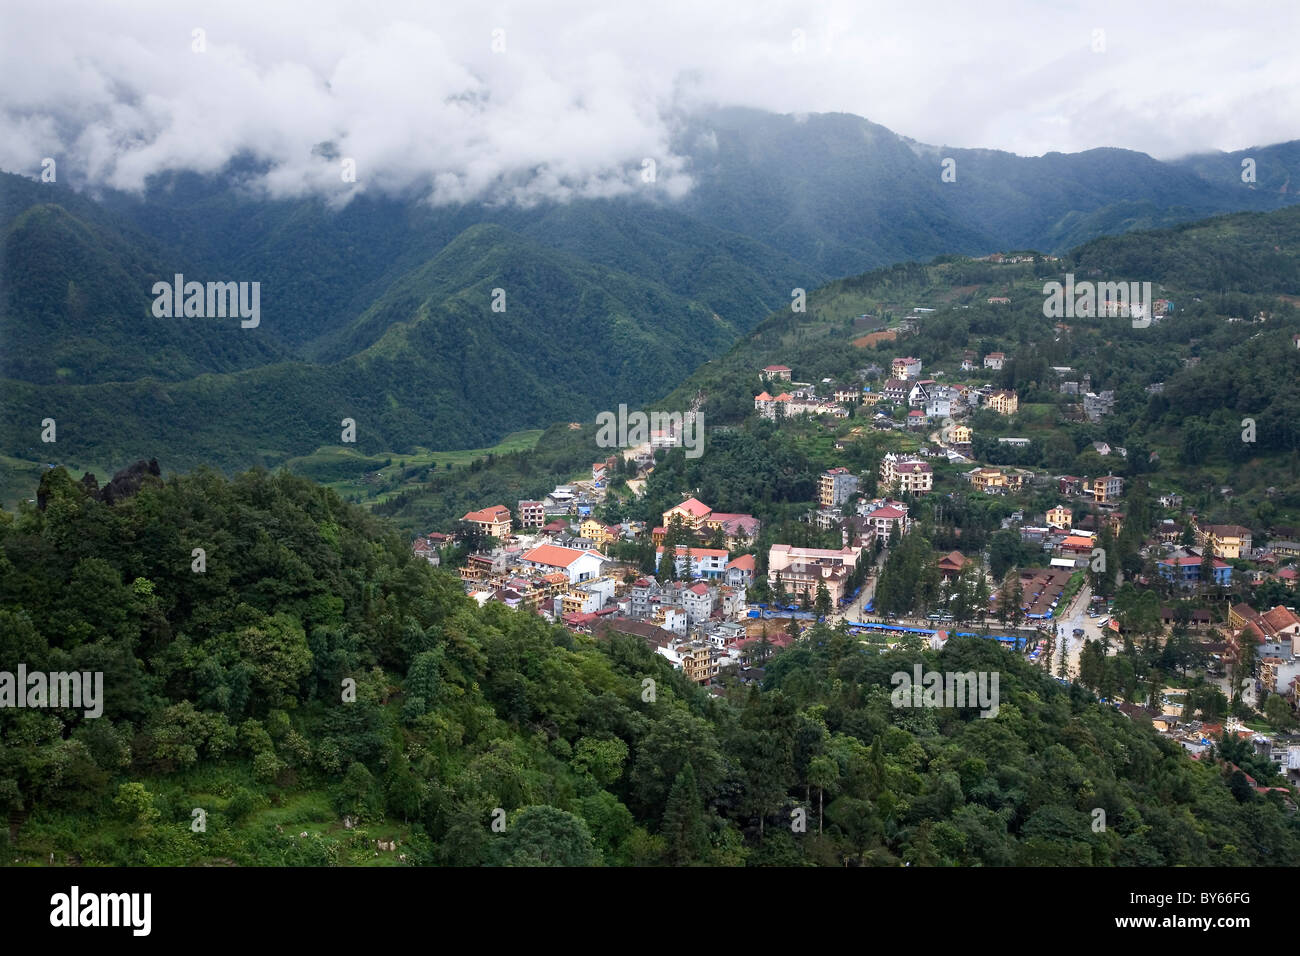 Aerial view. Sapa, Lao Cai province, Vietnam. - Stock Image